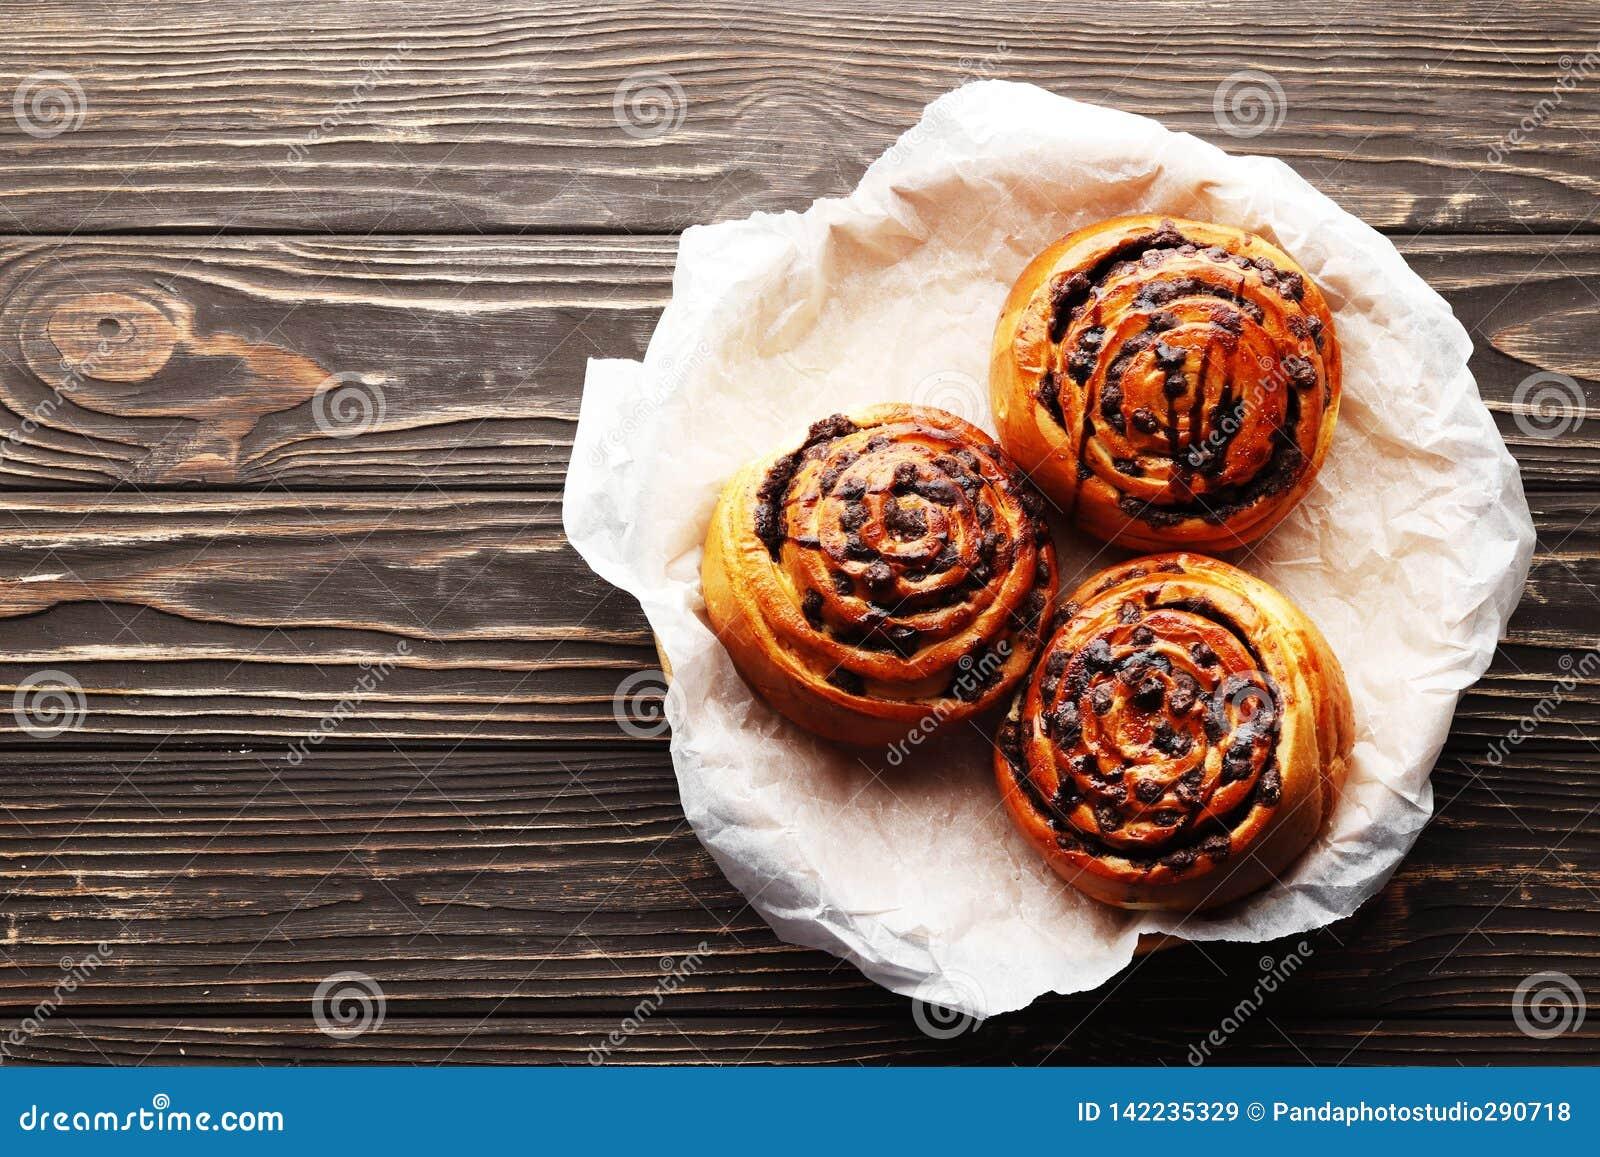 Broodjes met kaneel en chocolade op een bruine houten achtergrond